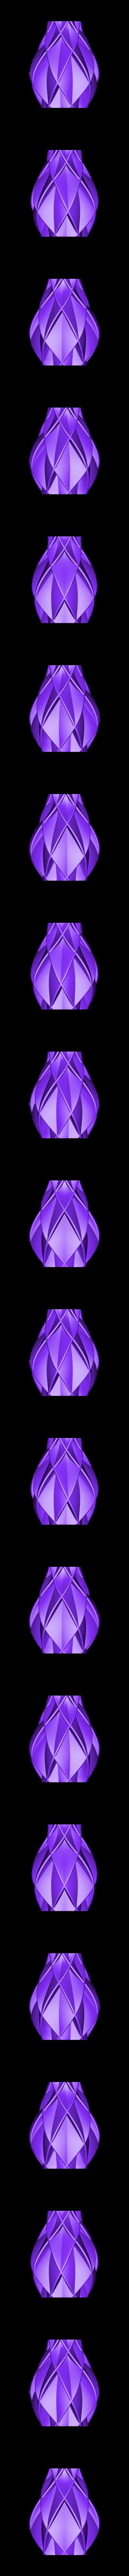 aromateasy 02.stl Download STL file Aromateasy • 3D printer design, Geandro_Valcorte